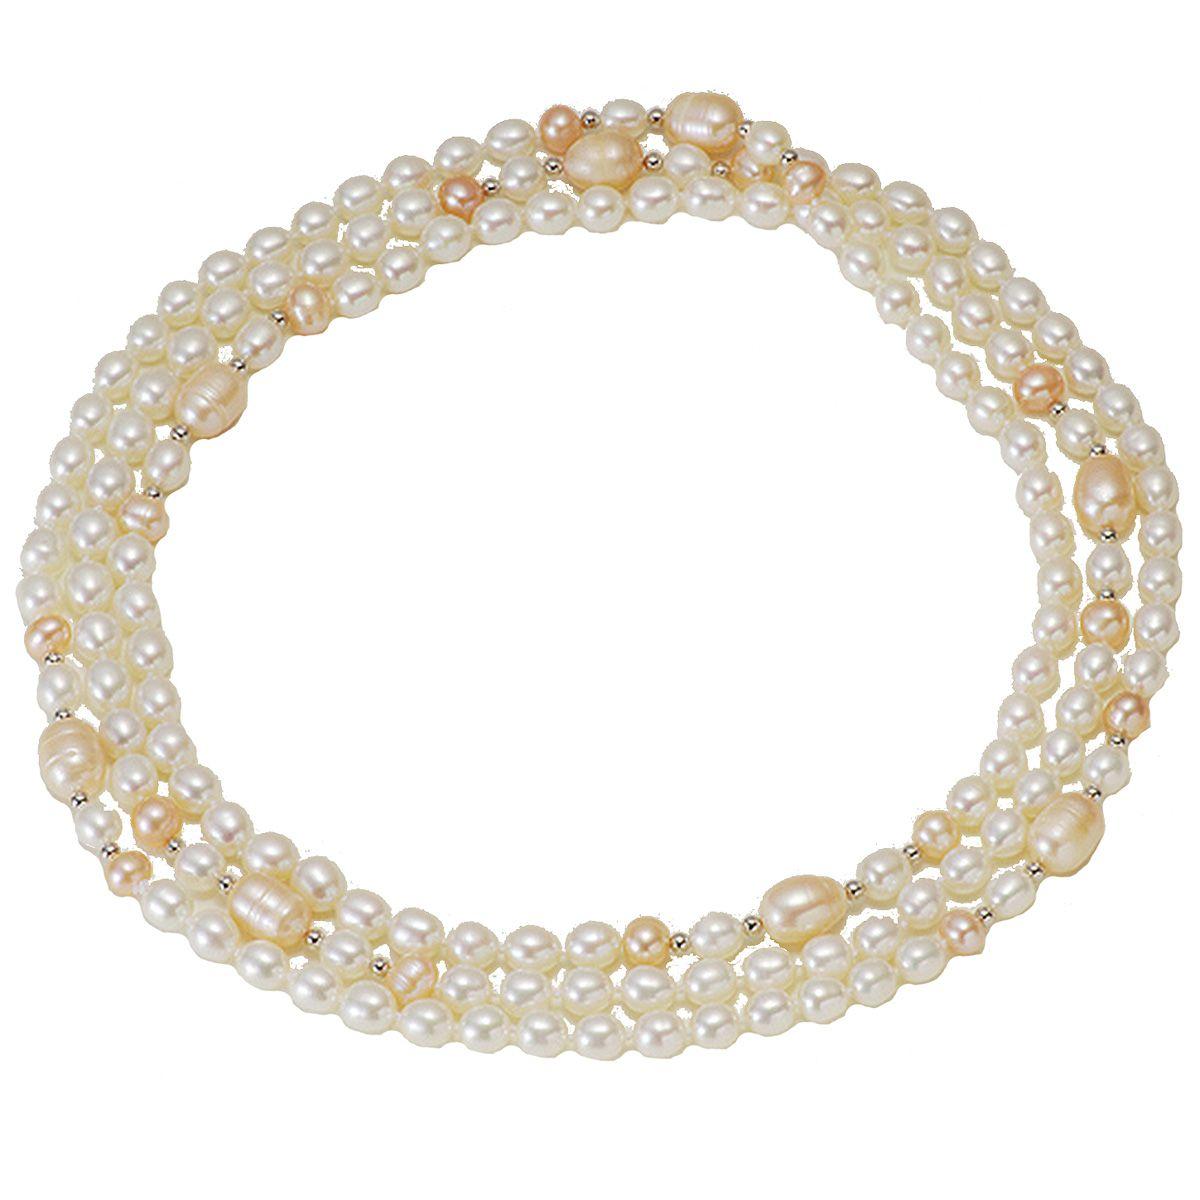 淡水真珠ロングネックレス 約9.0-10.0mmの写真